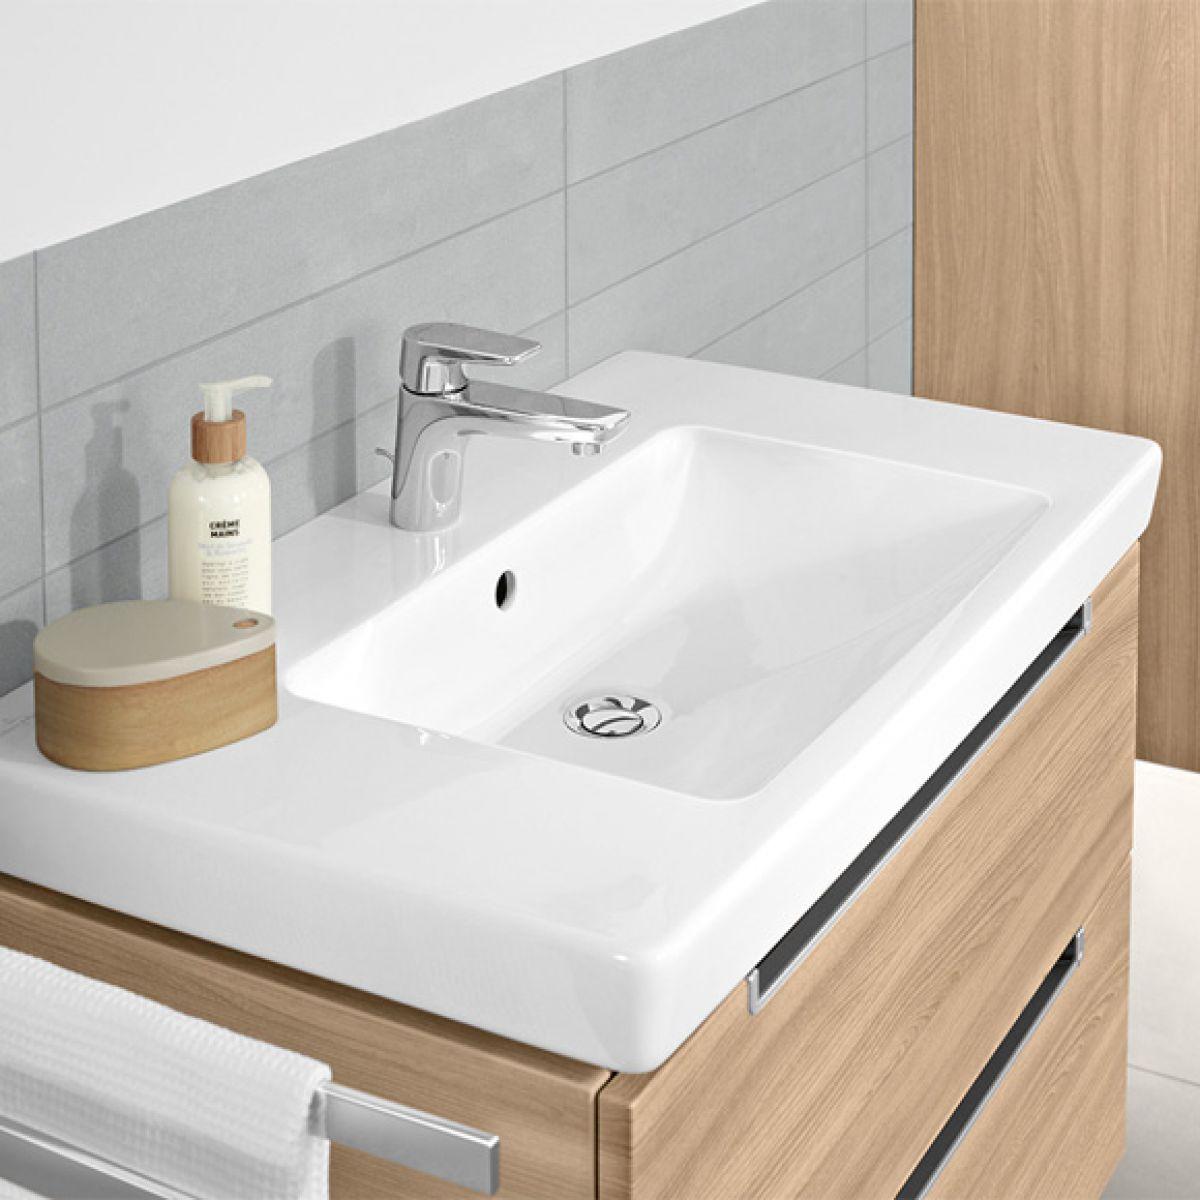 v b subway 2 0 vanity washbasin uk bathrooms. Black Bedroom Furniture Sets. Home Design Ideas